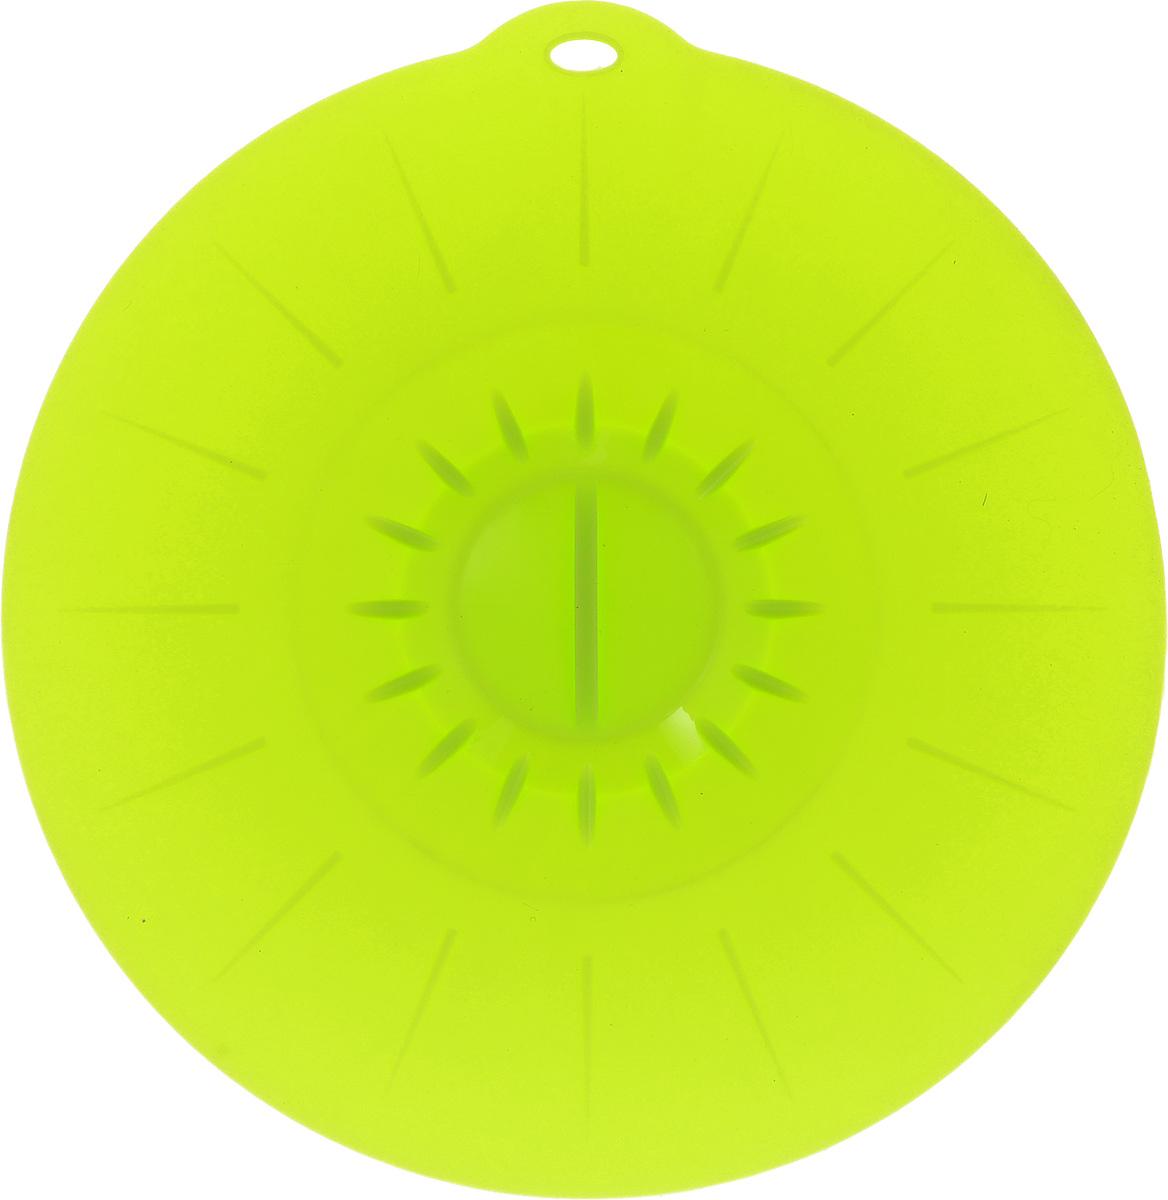 """Вакуумная крышка """"Идея"""", выполненная из пищевого силикона, предназначена для герметичного закрытия любой посуды. Крышка плотно прилегает к краям емкости, ограничивая доступ воздуха внутрь, благодаря этому ваши продукты останутся свежими гораздо дольше. Основные свойства: - выдерживает температуру от -40°С до +240°С, - невозможно разбить, - легко моется, - не деформируется при хранении в свернутом виде, - имеет долгий срок службы, сохраняя свой первоначальный вид, - не выделяет вредных веществ при нагревании или охлаждении, - не впитывает запахи, - не вступает в химическую реакцию с продуктами, - безопасна при использовании в микроволновой печи, в духовке и морозильной камере.Такая крышка станет незаменимым помощником на вашей кухне."""